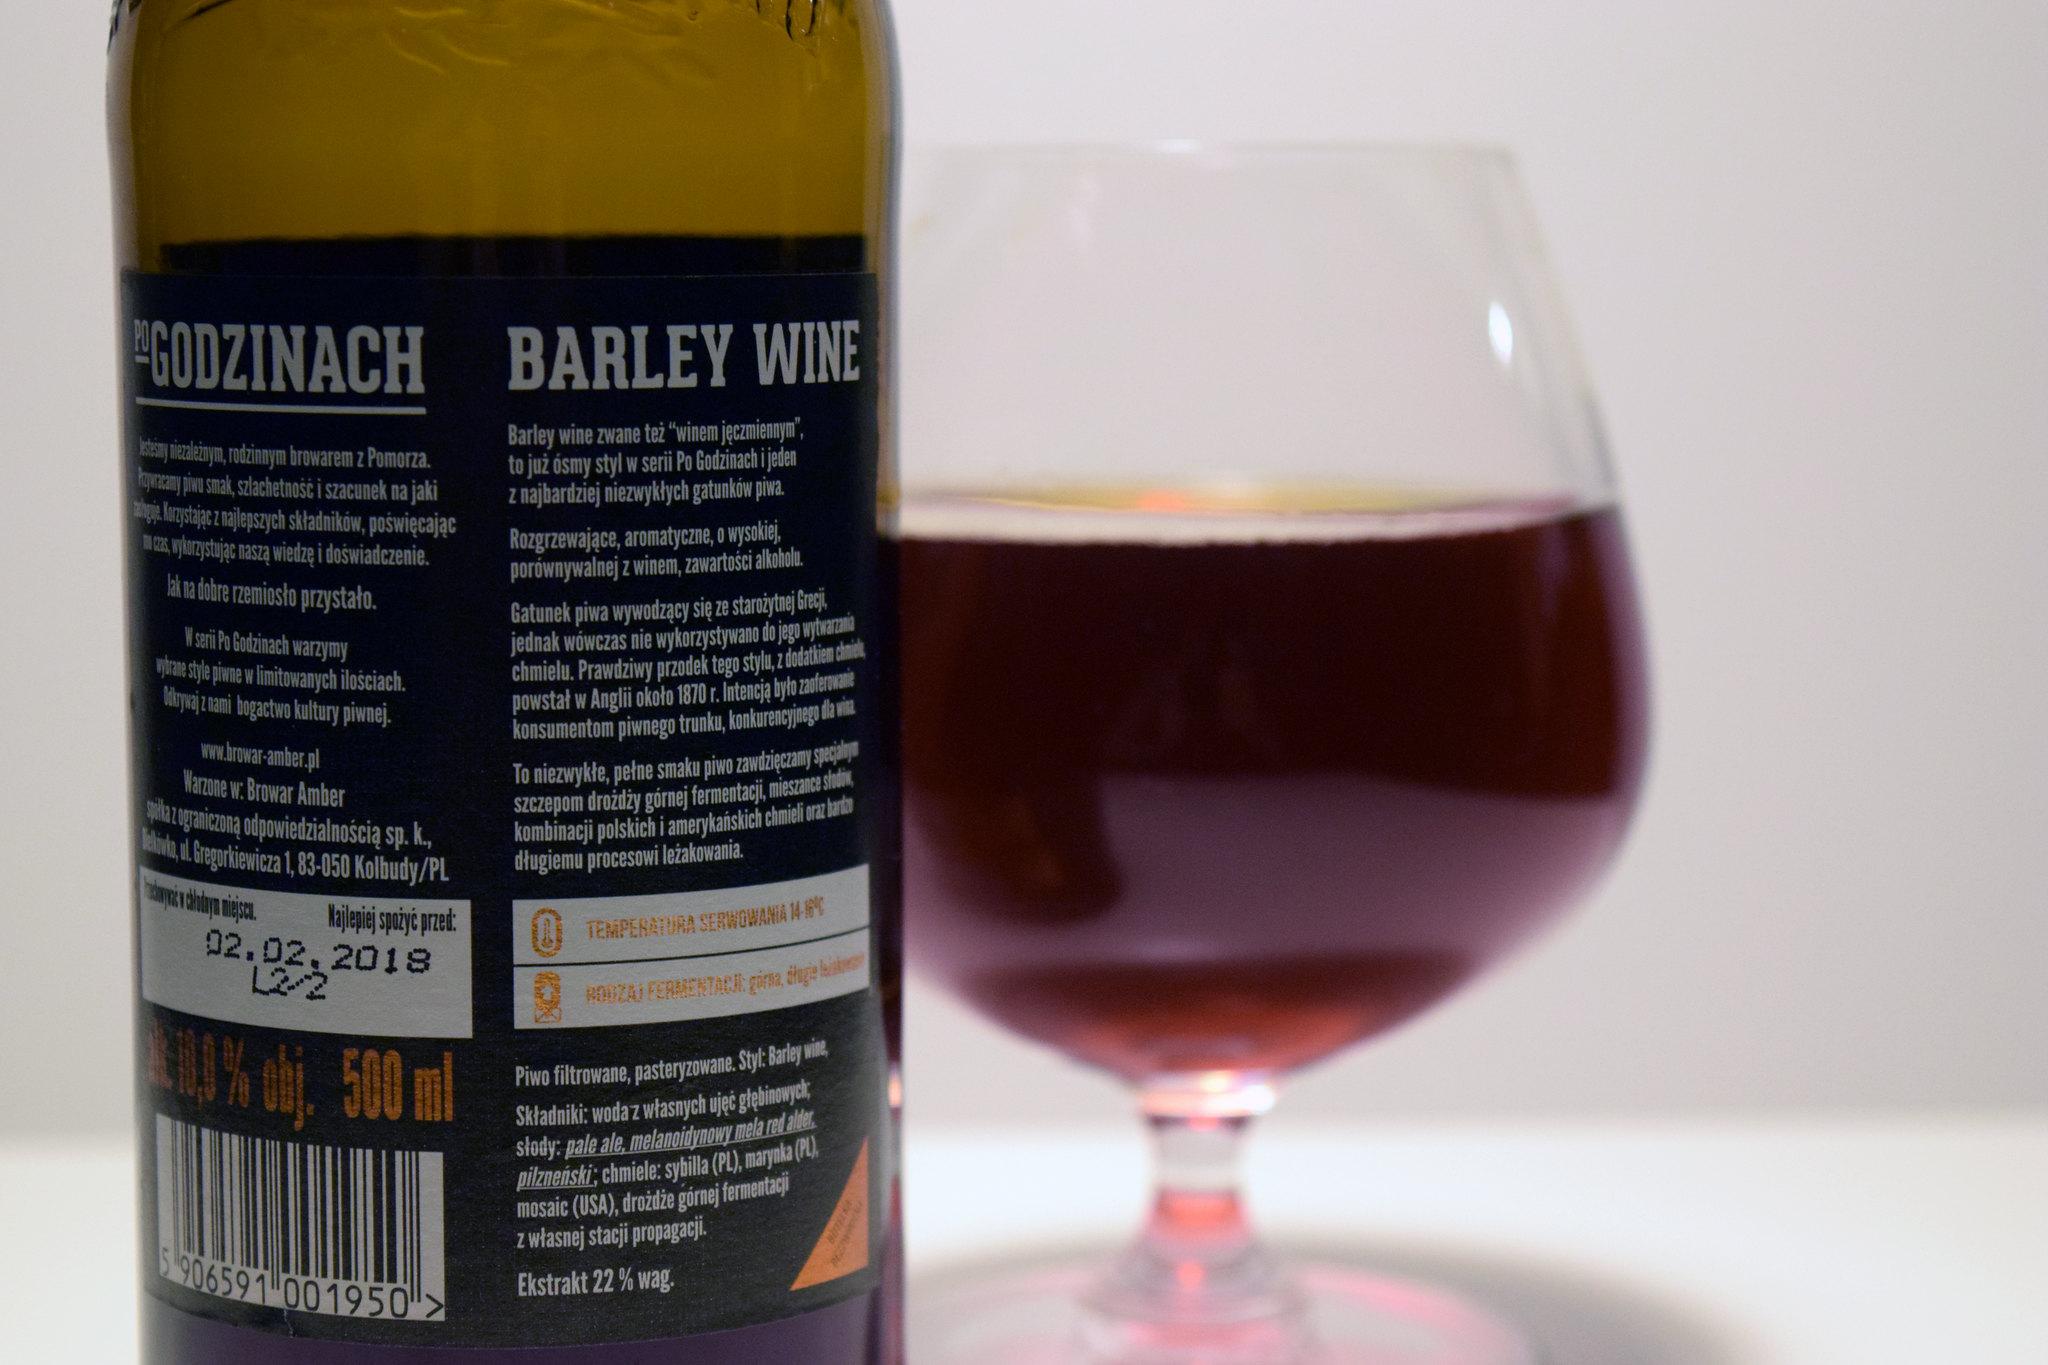 po godzinach barley wine etykieta